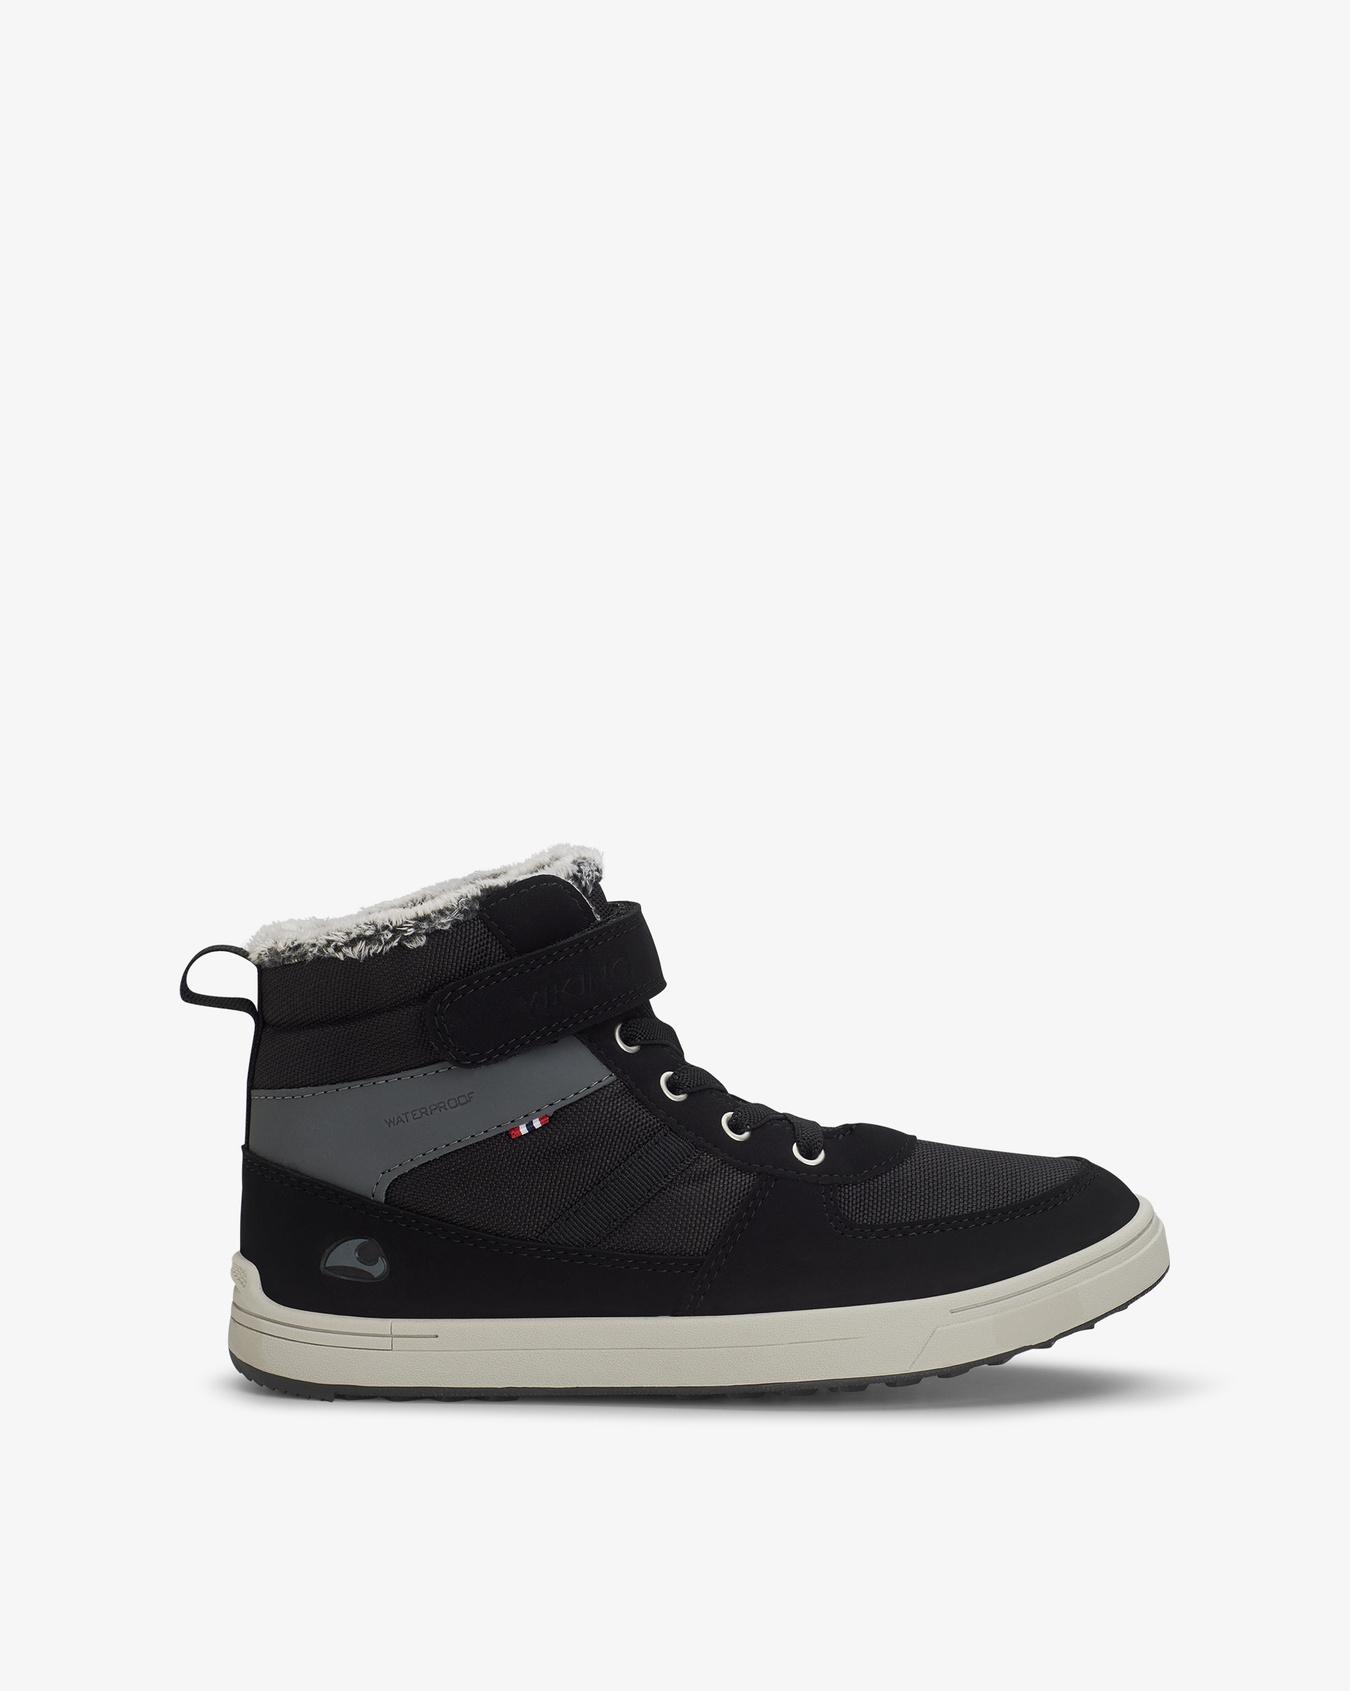 Lucas Black Mid Jr Sneakers